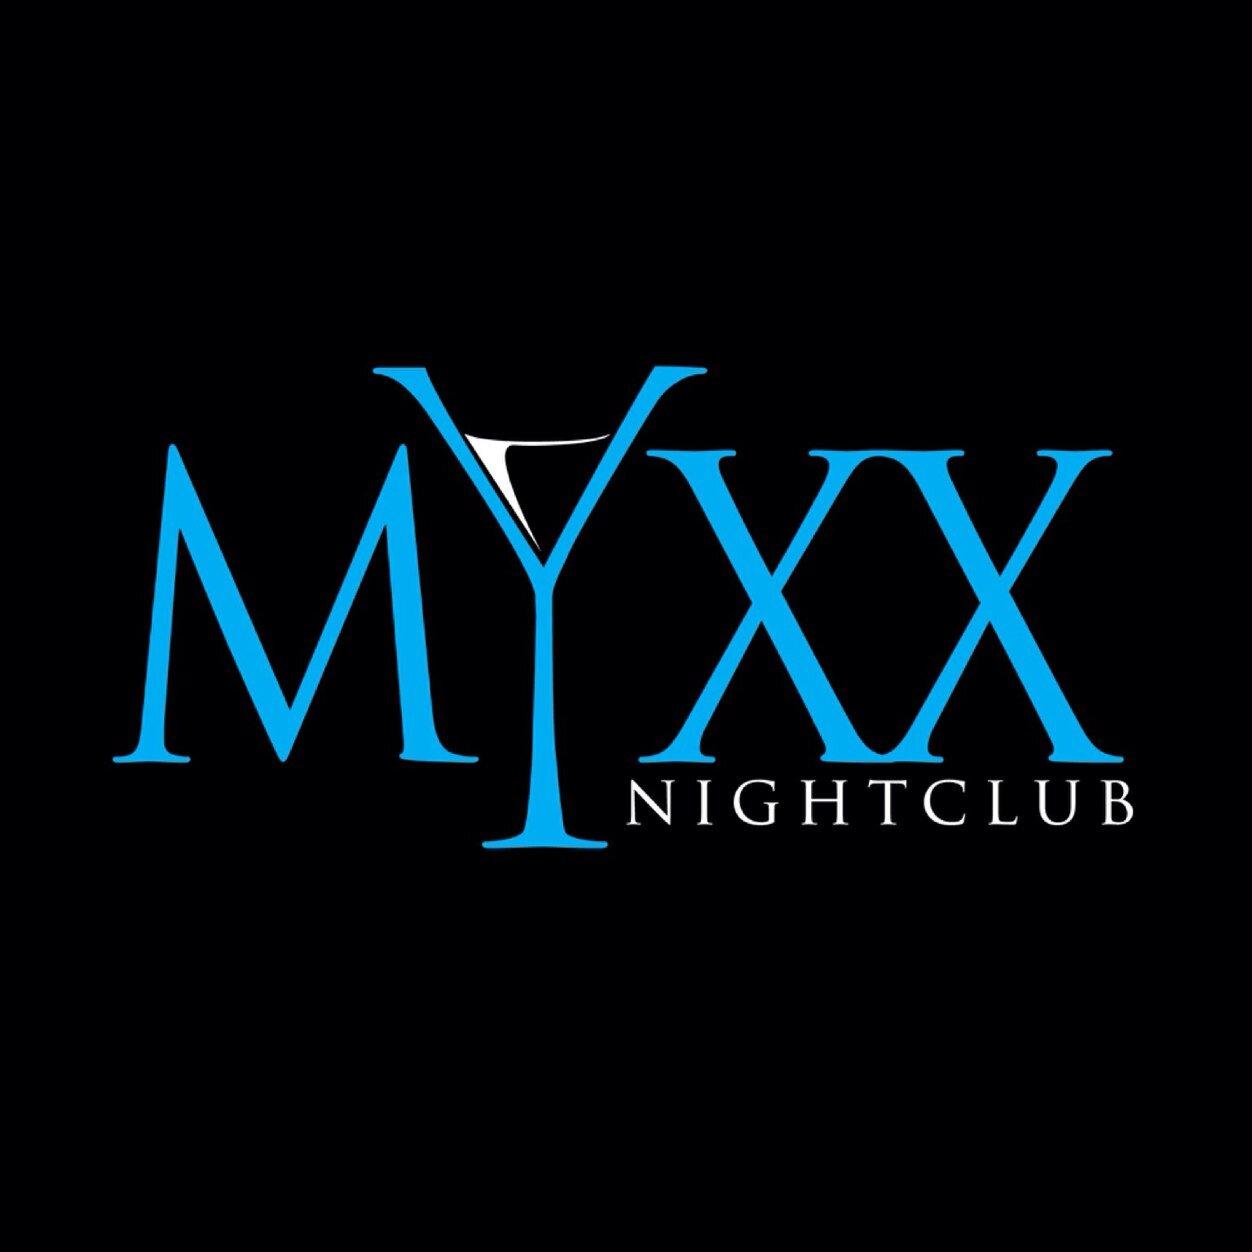 MYXX Nightclub